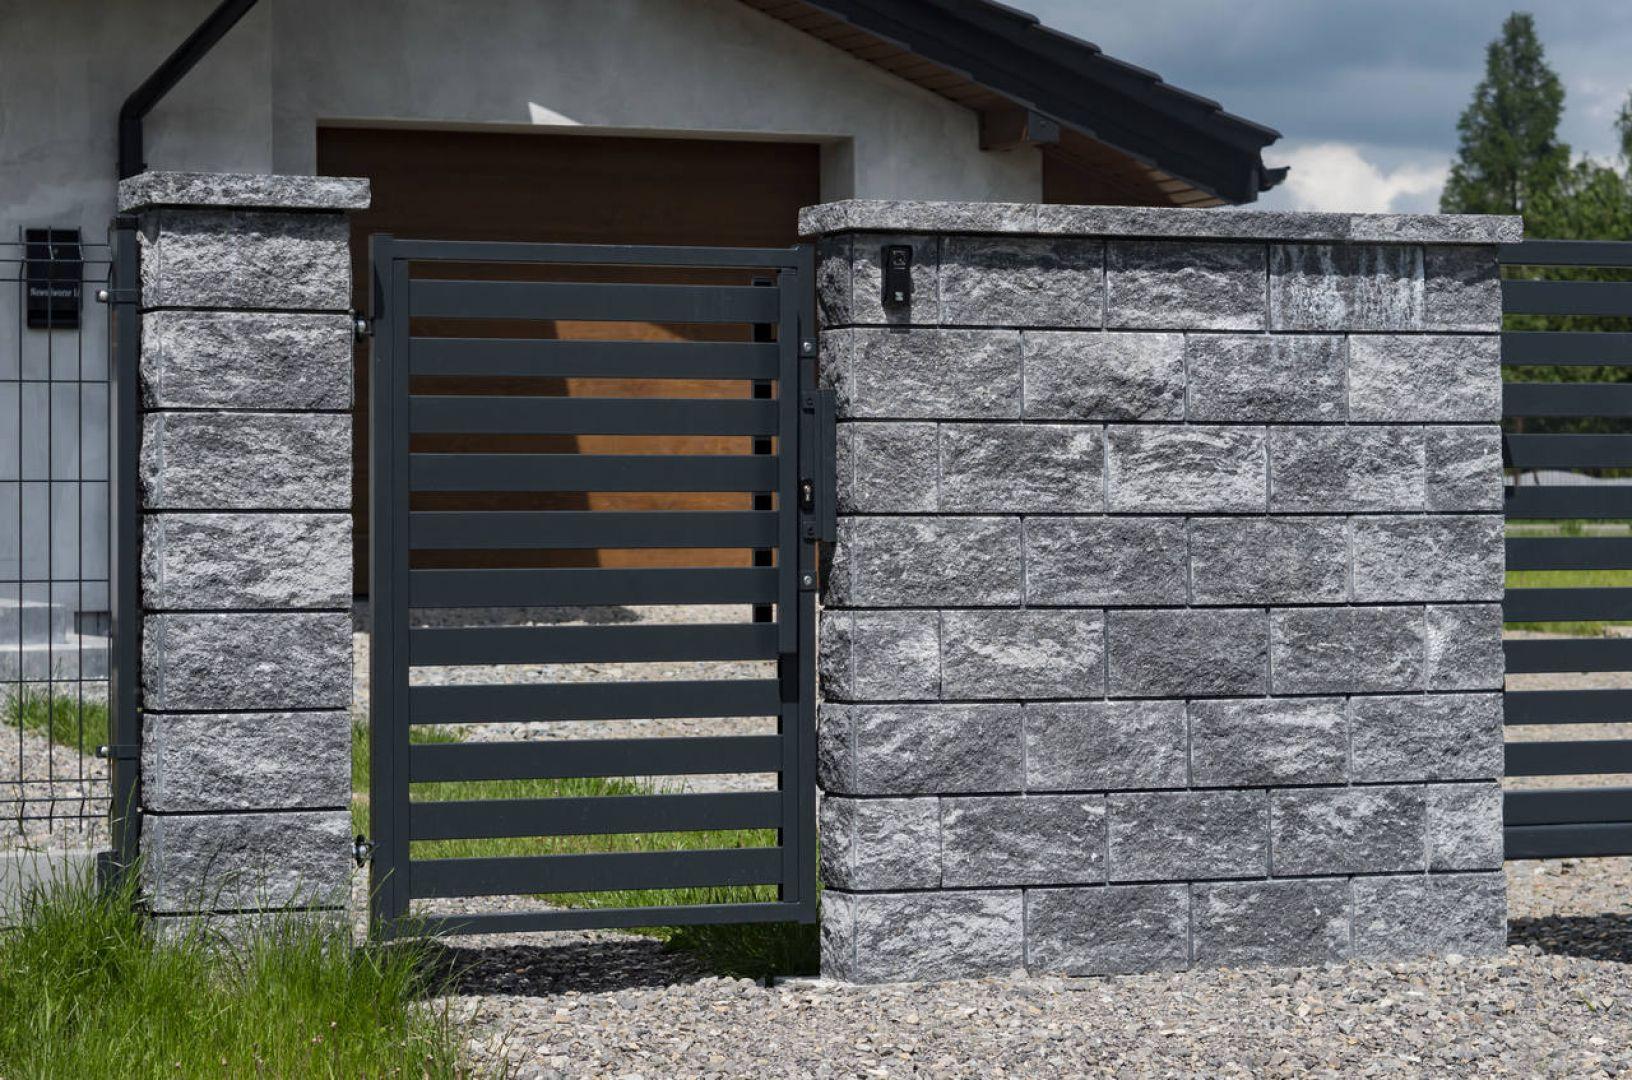 Nowoczesne ogrodzenie o minimalistycznym wyglądzie fot. Plast-Met Systemy Ogrodzeniowe